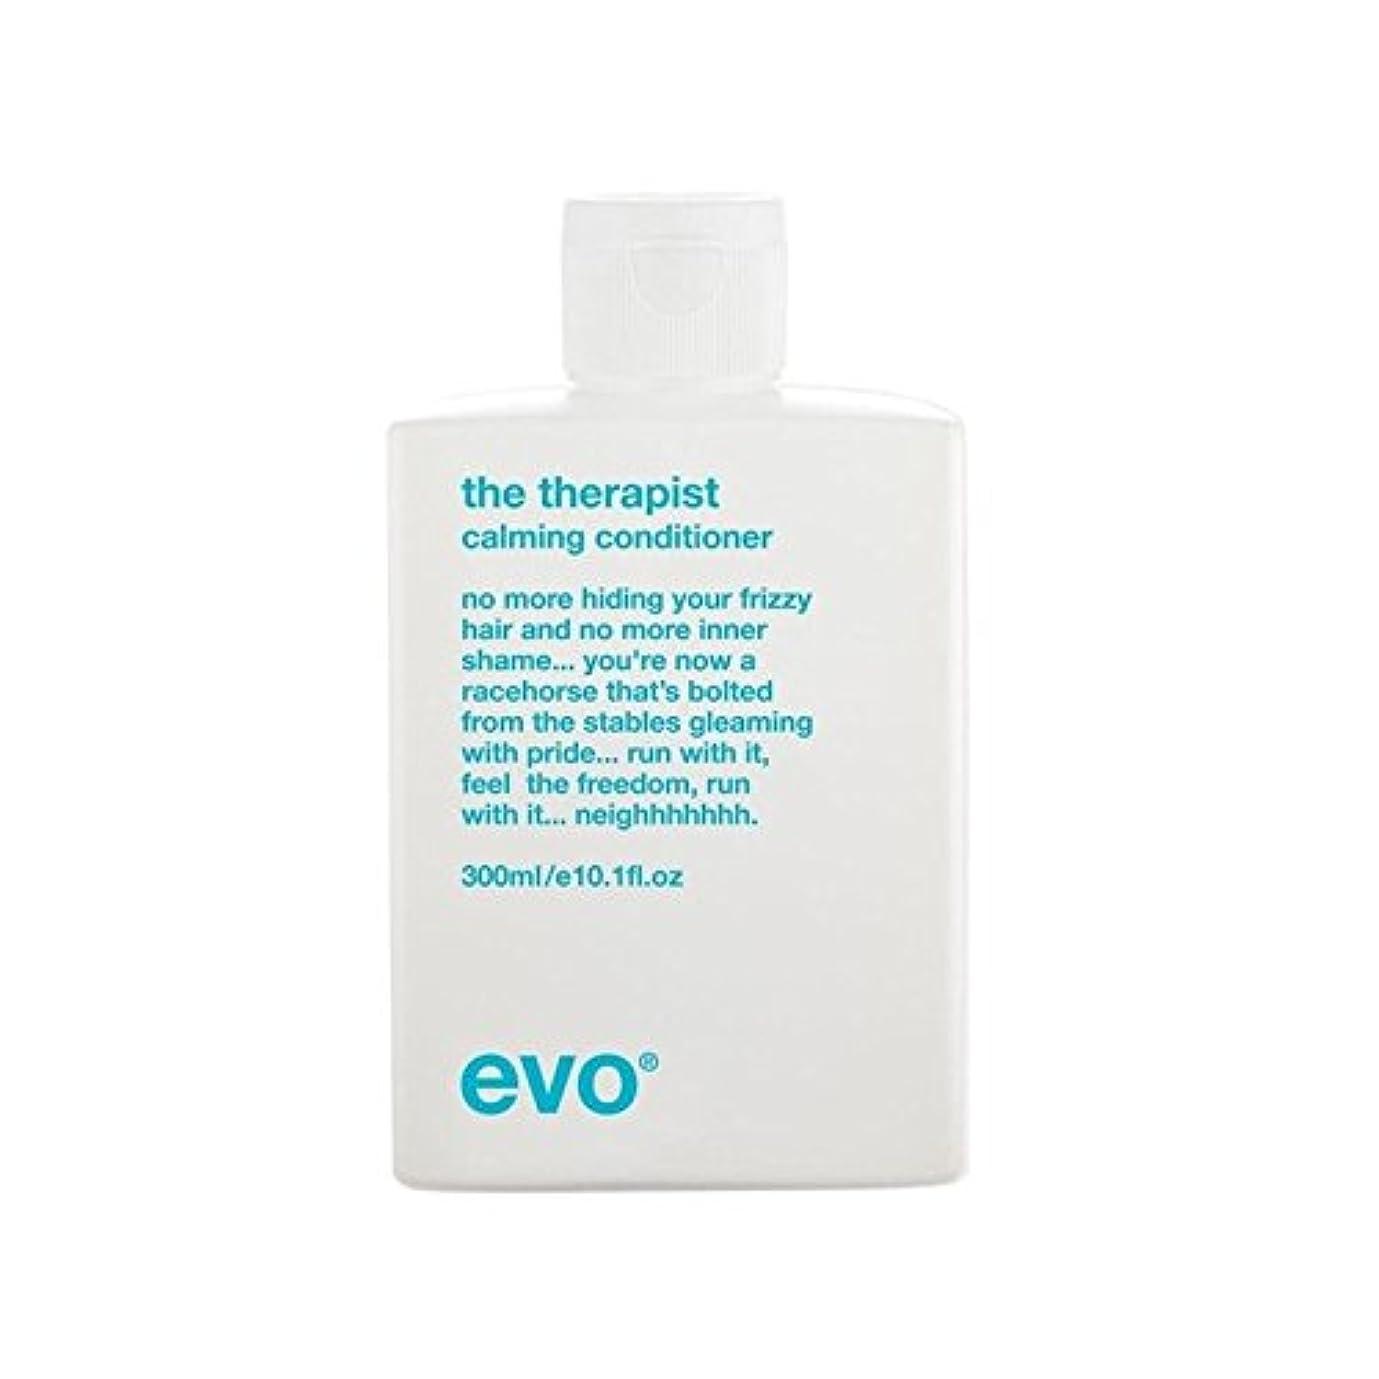 海威する連邦セラピスト沈静コンディショナー(300ミリリットル) x4 - Evo The Therapist Calming Conditioner (300ml) (Pack of 4) [並行輸入品]